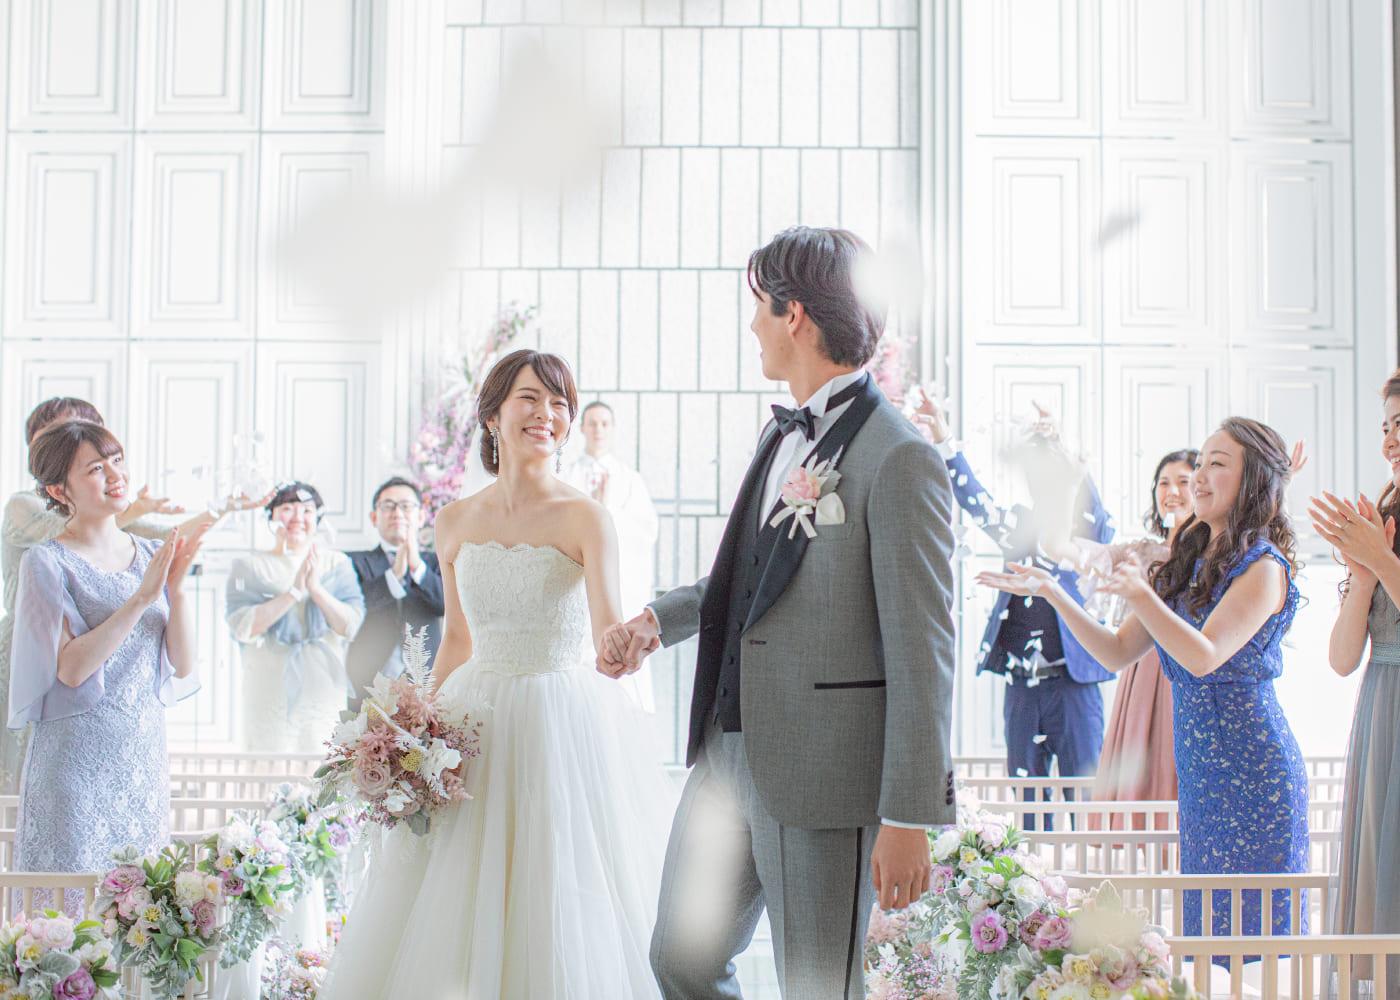 ブライダルフェア 相談会 格安結婚式 挙式 ルクリアモーレ富山